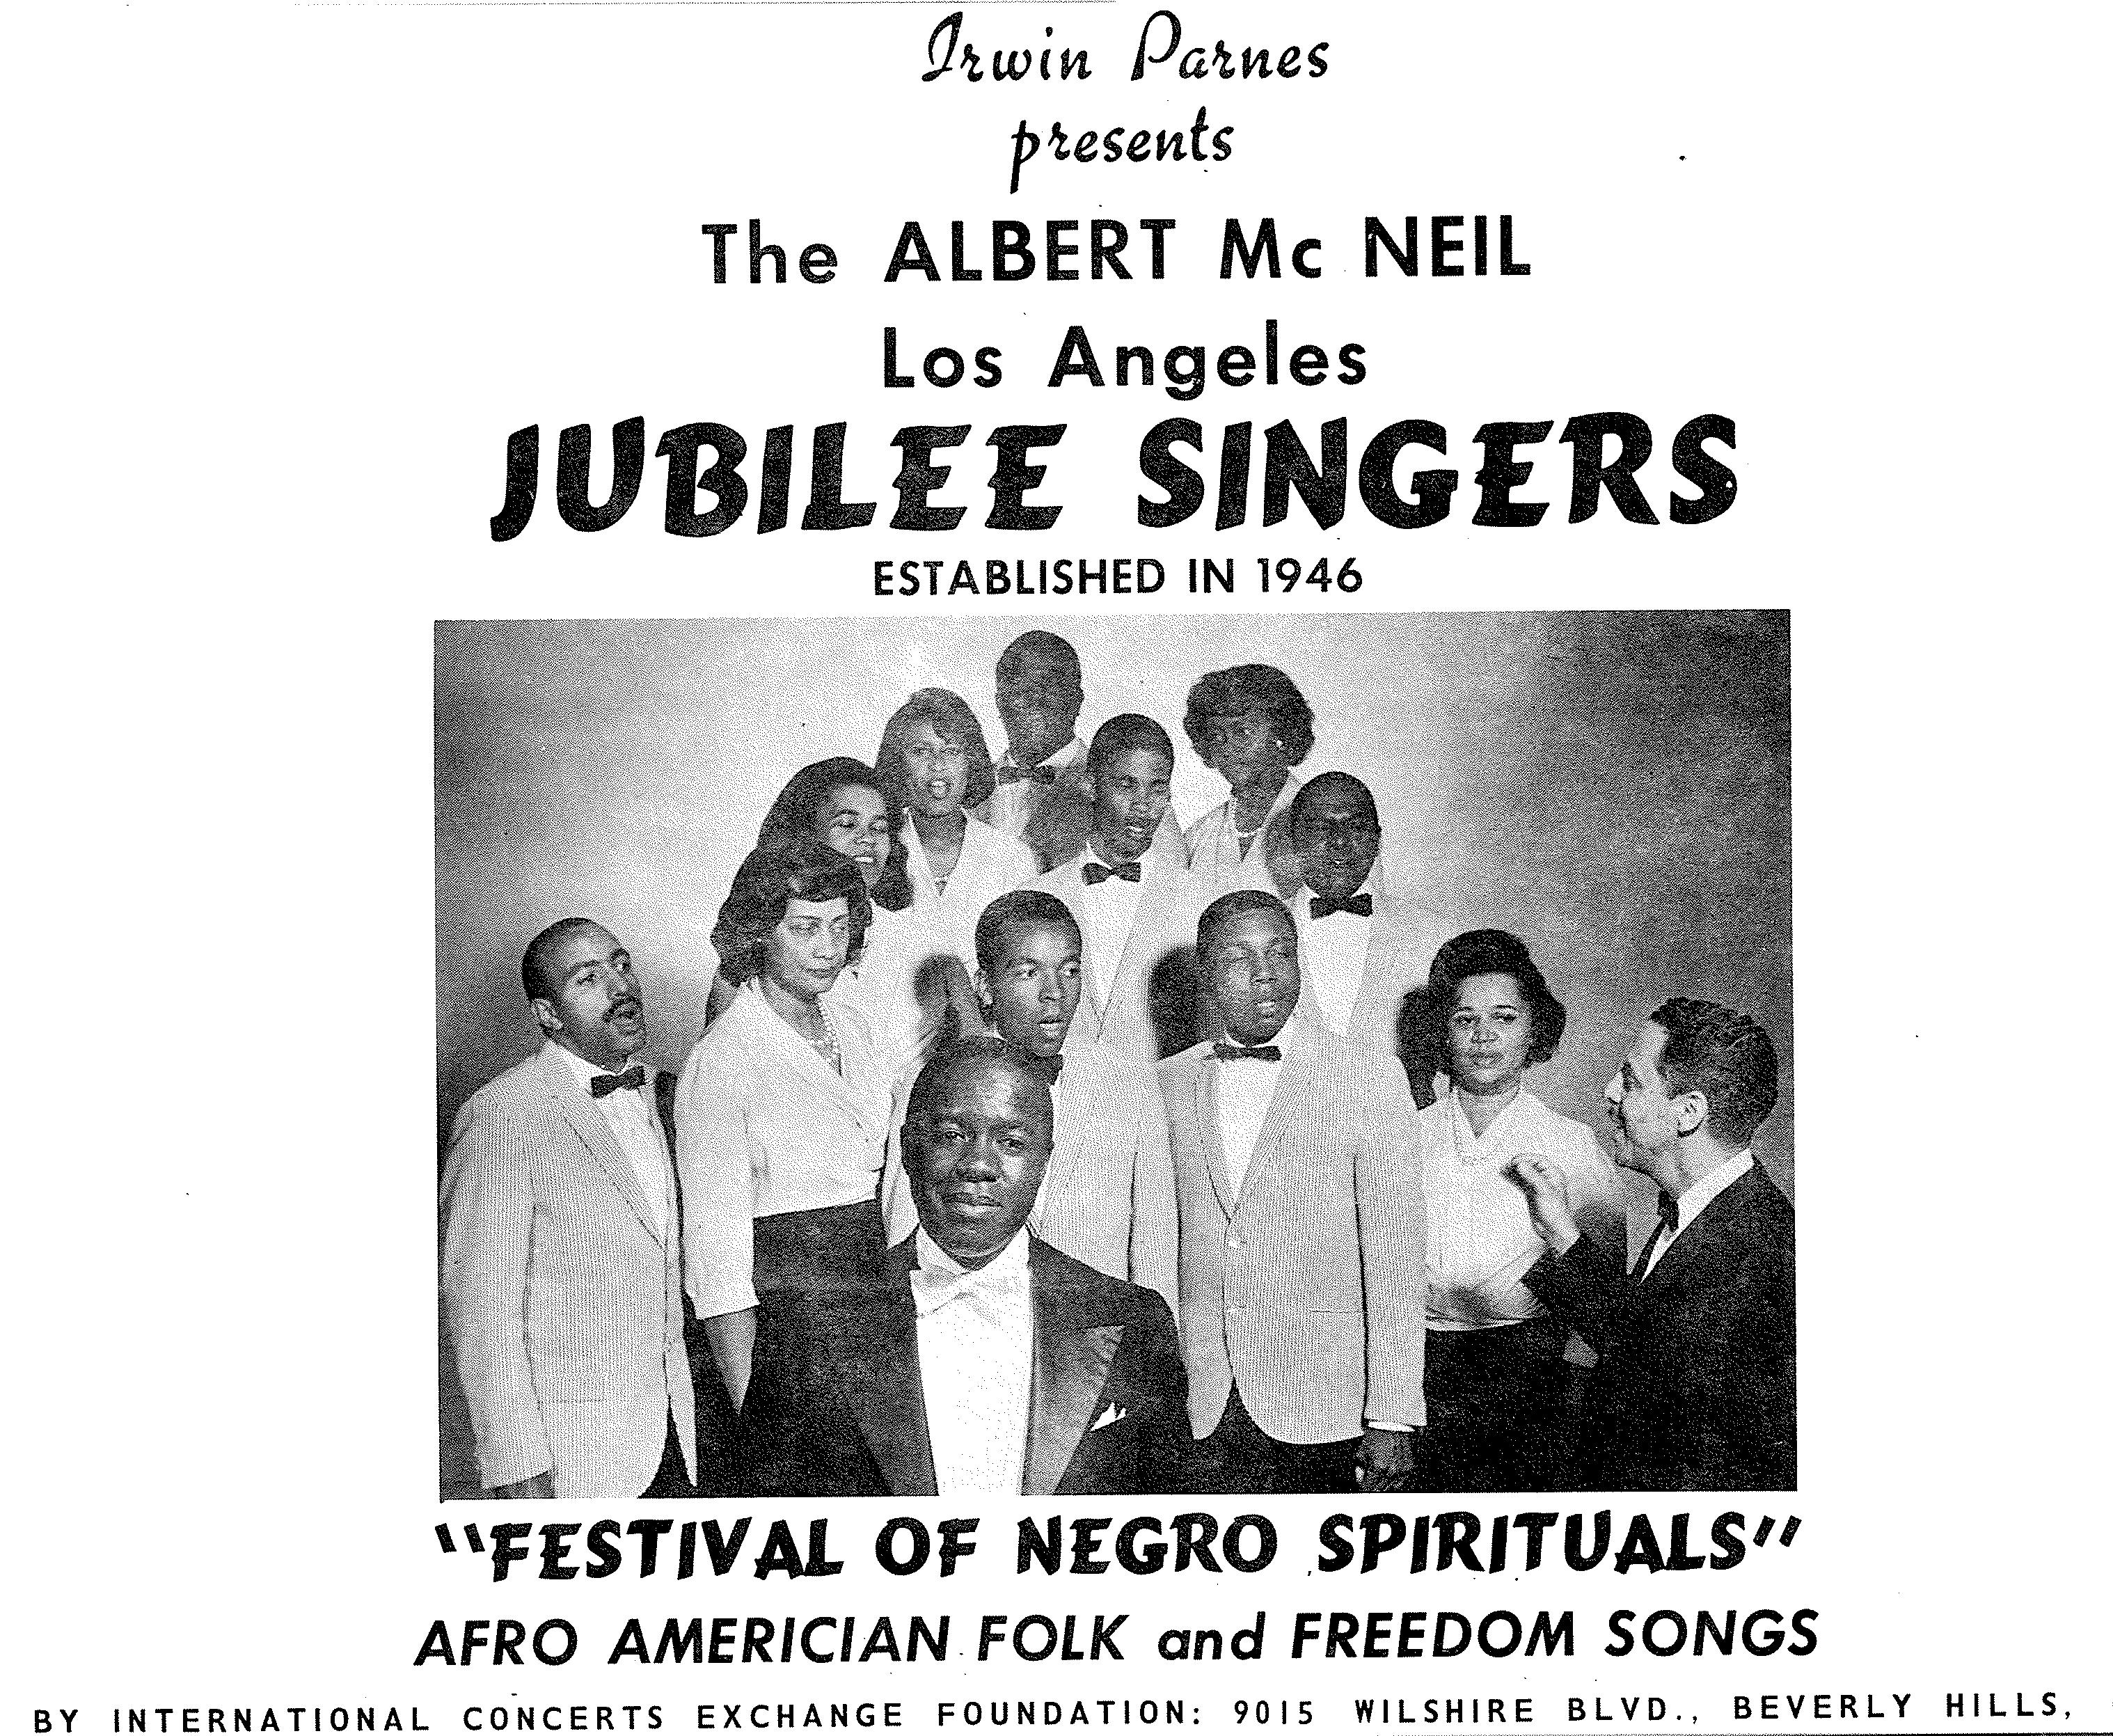 Jubilee Singers program